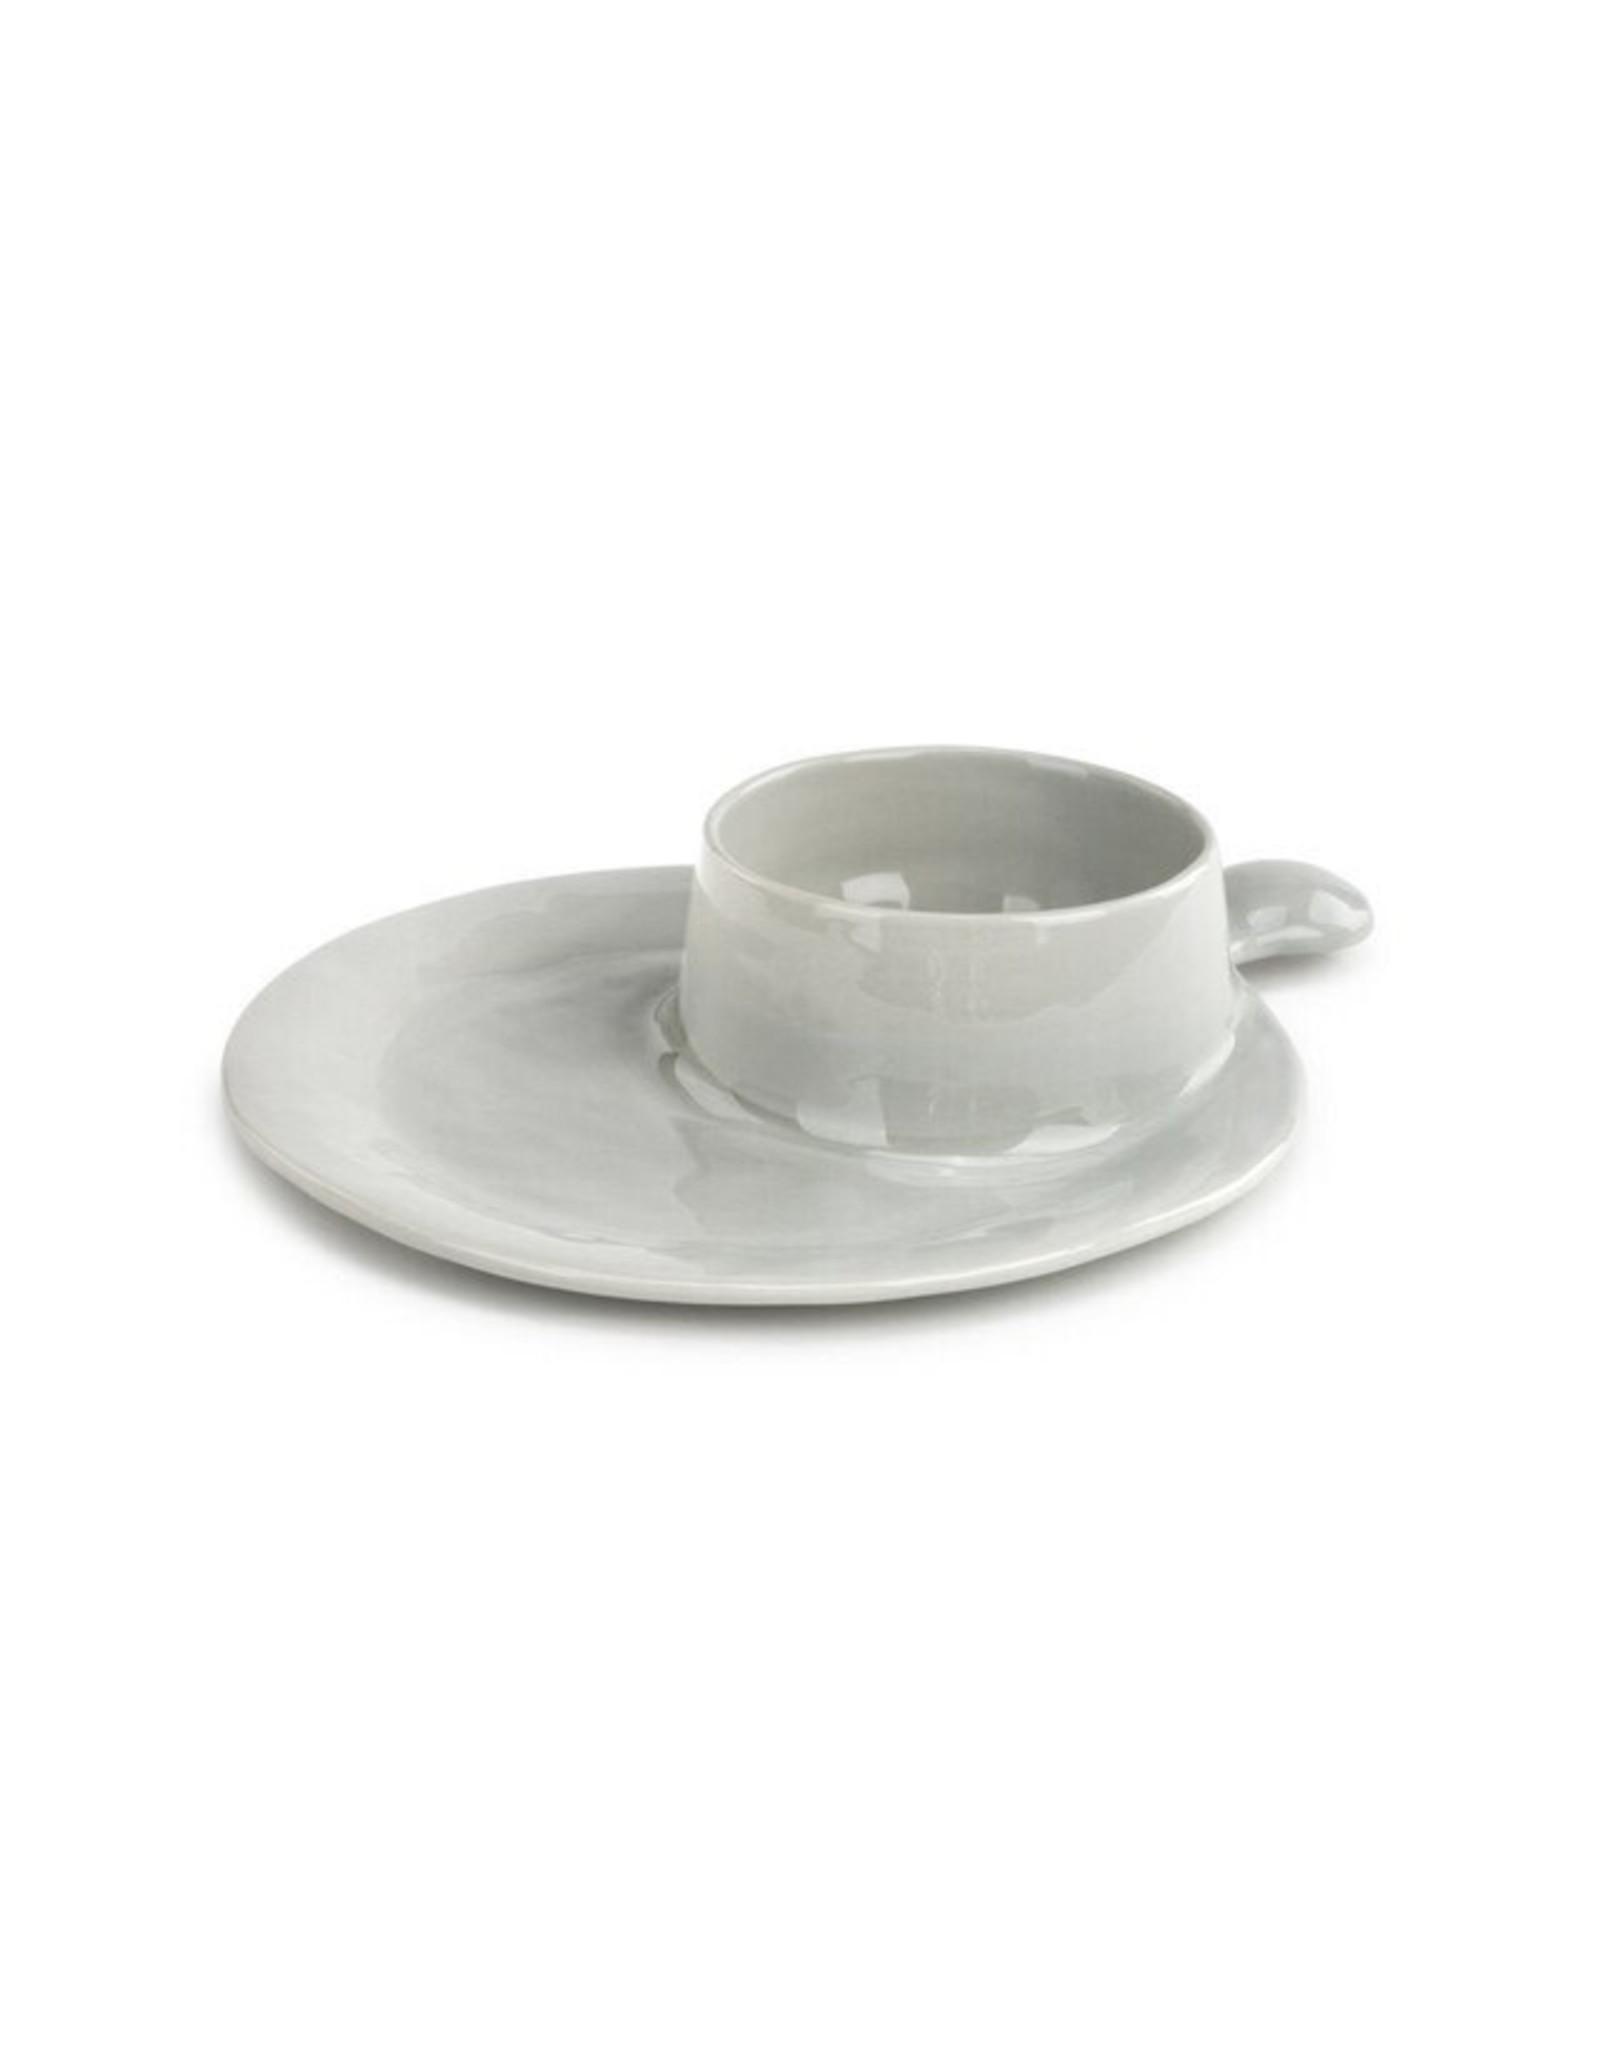 Demdaco SOUP & SANDWICH PLATE